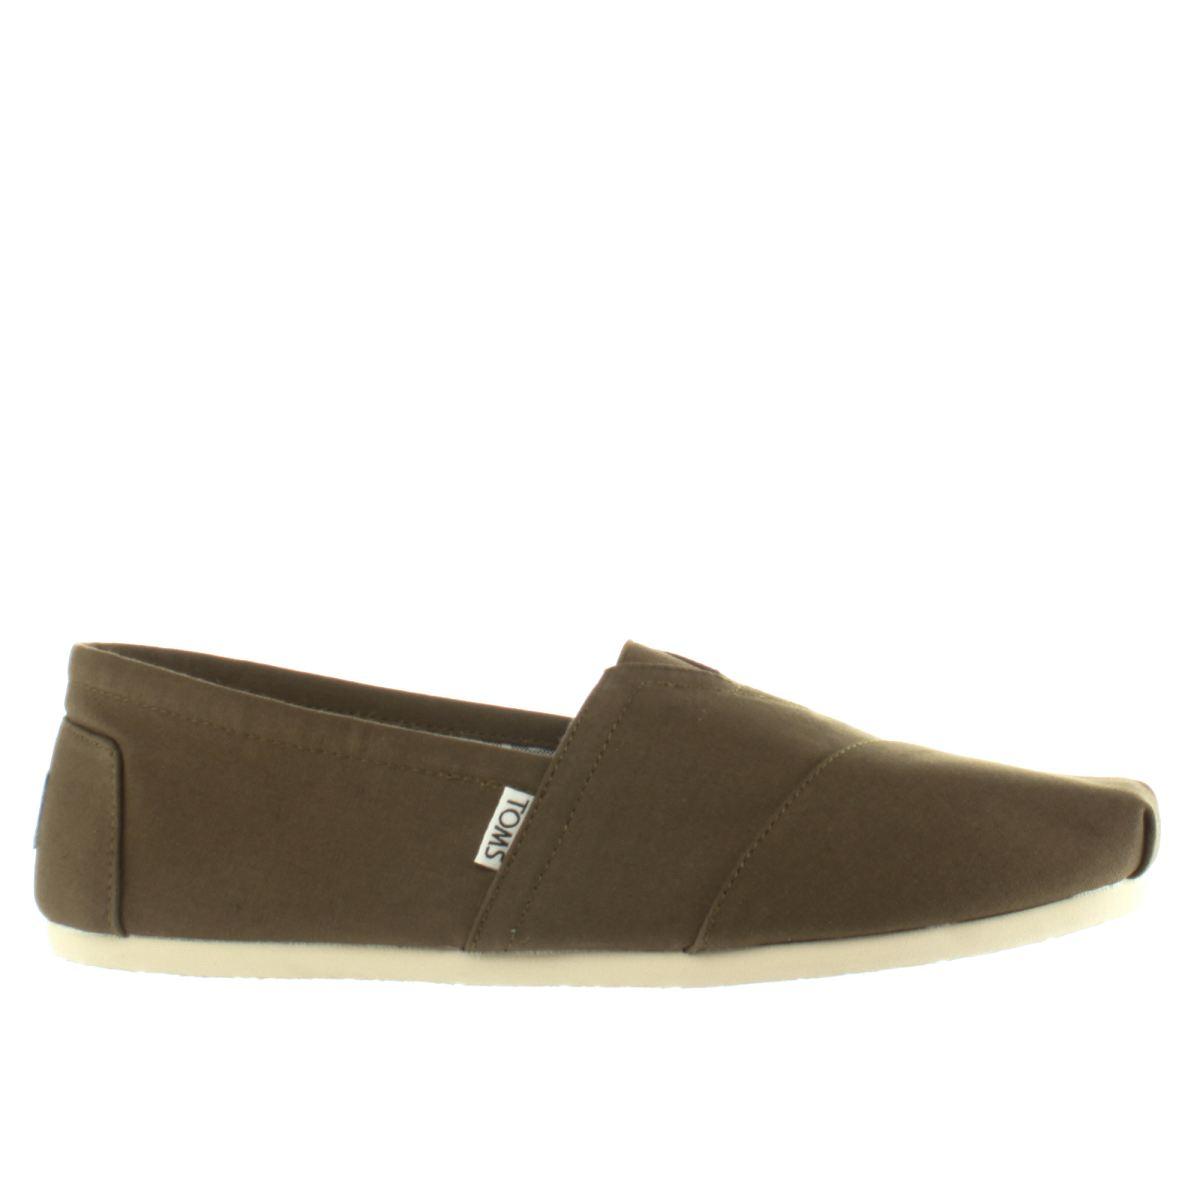 toms khaki classic shoes